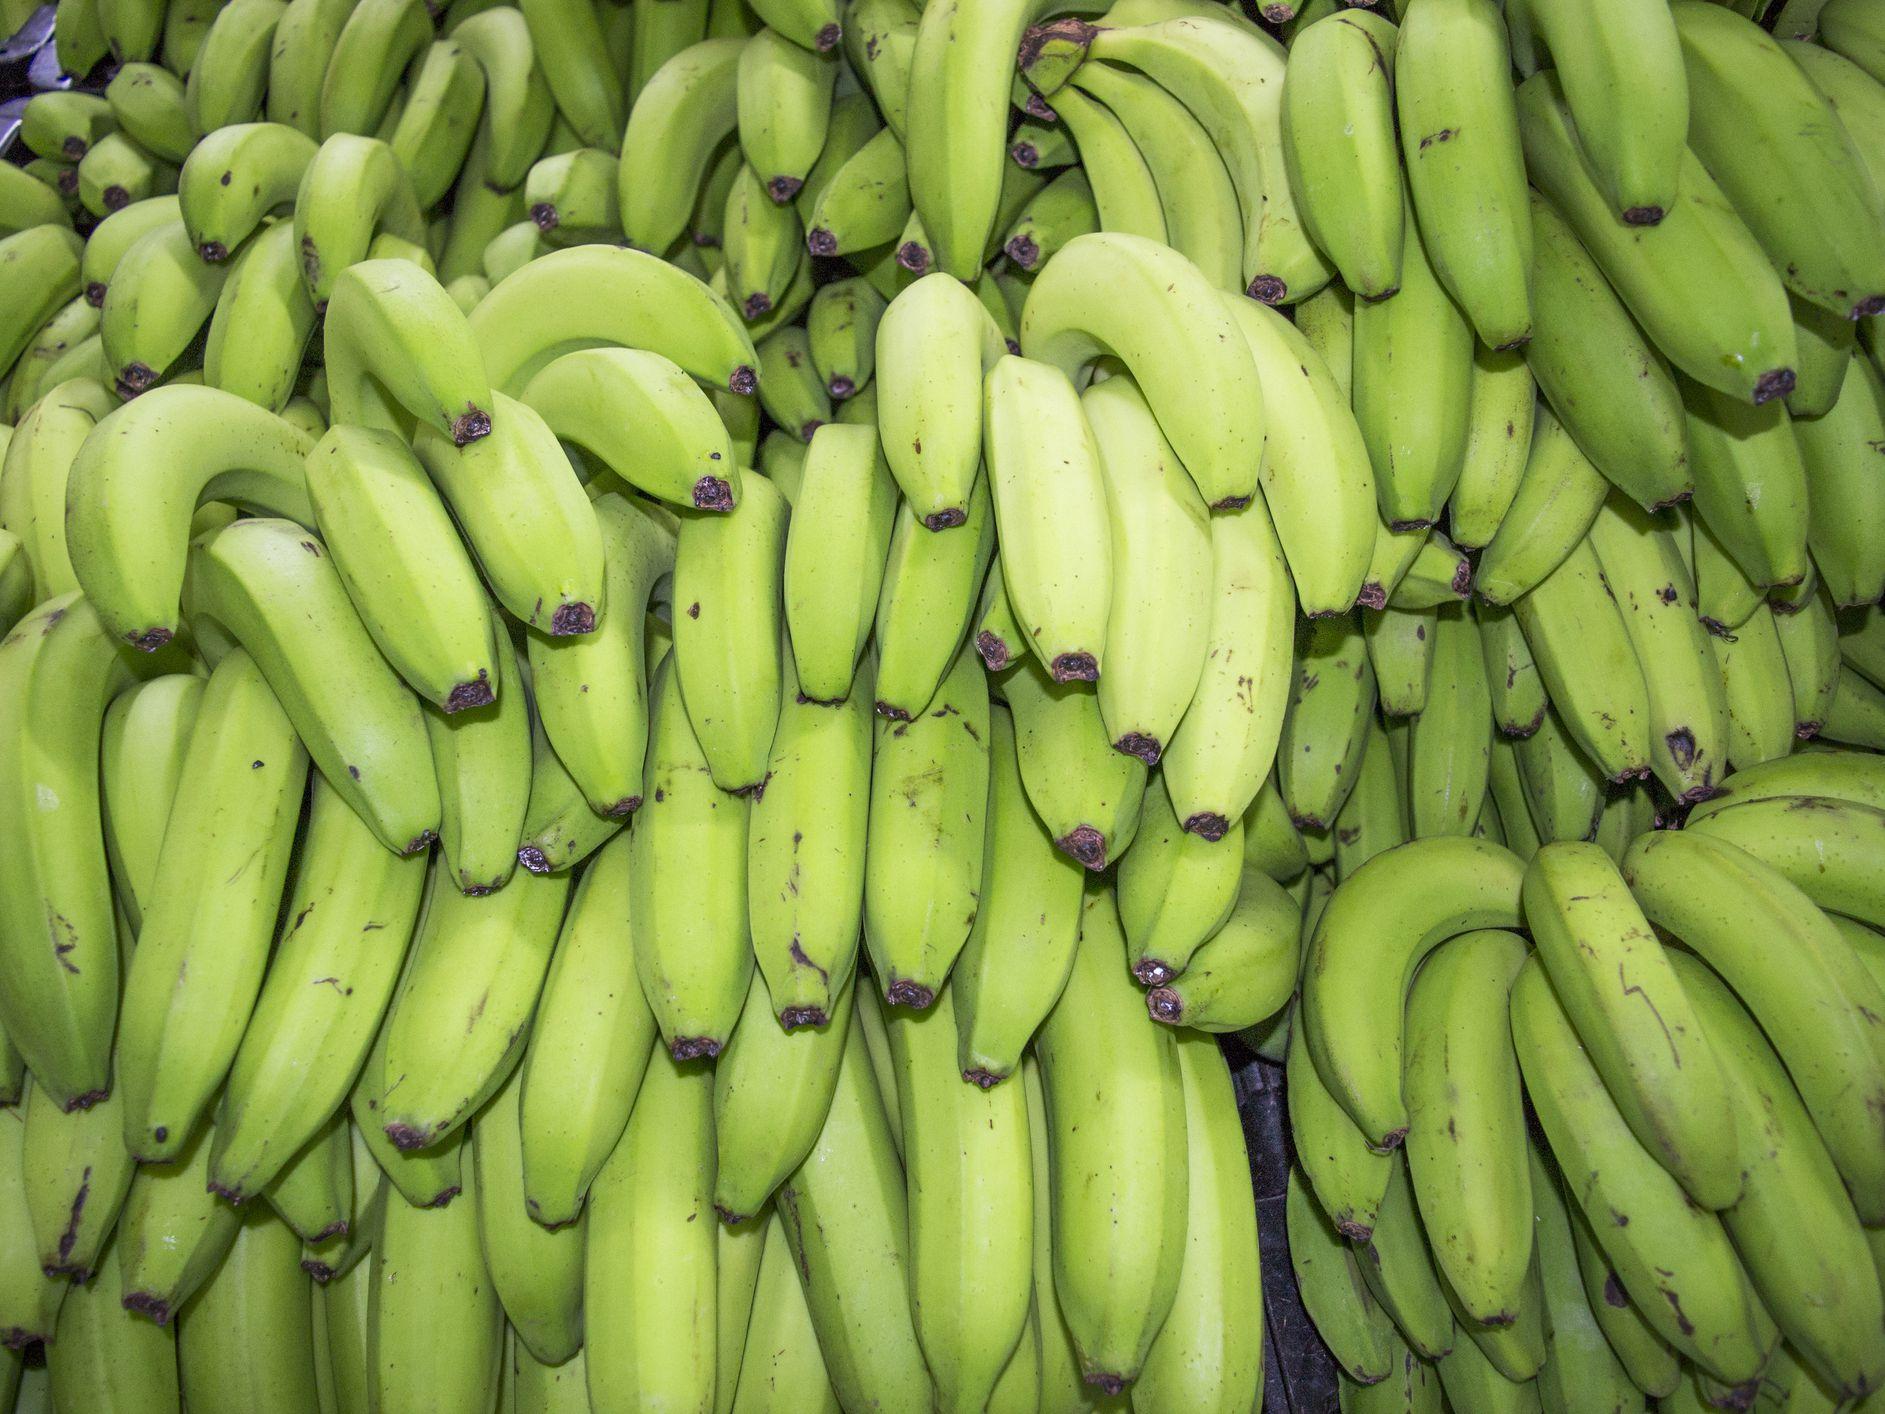 الموز الأخضر.. هل هو مفيد للصحة؟